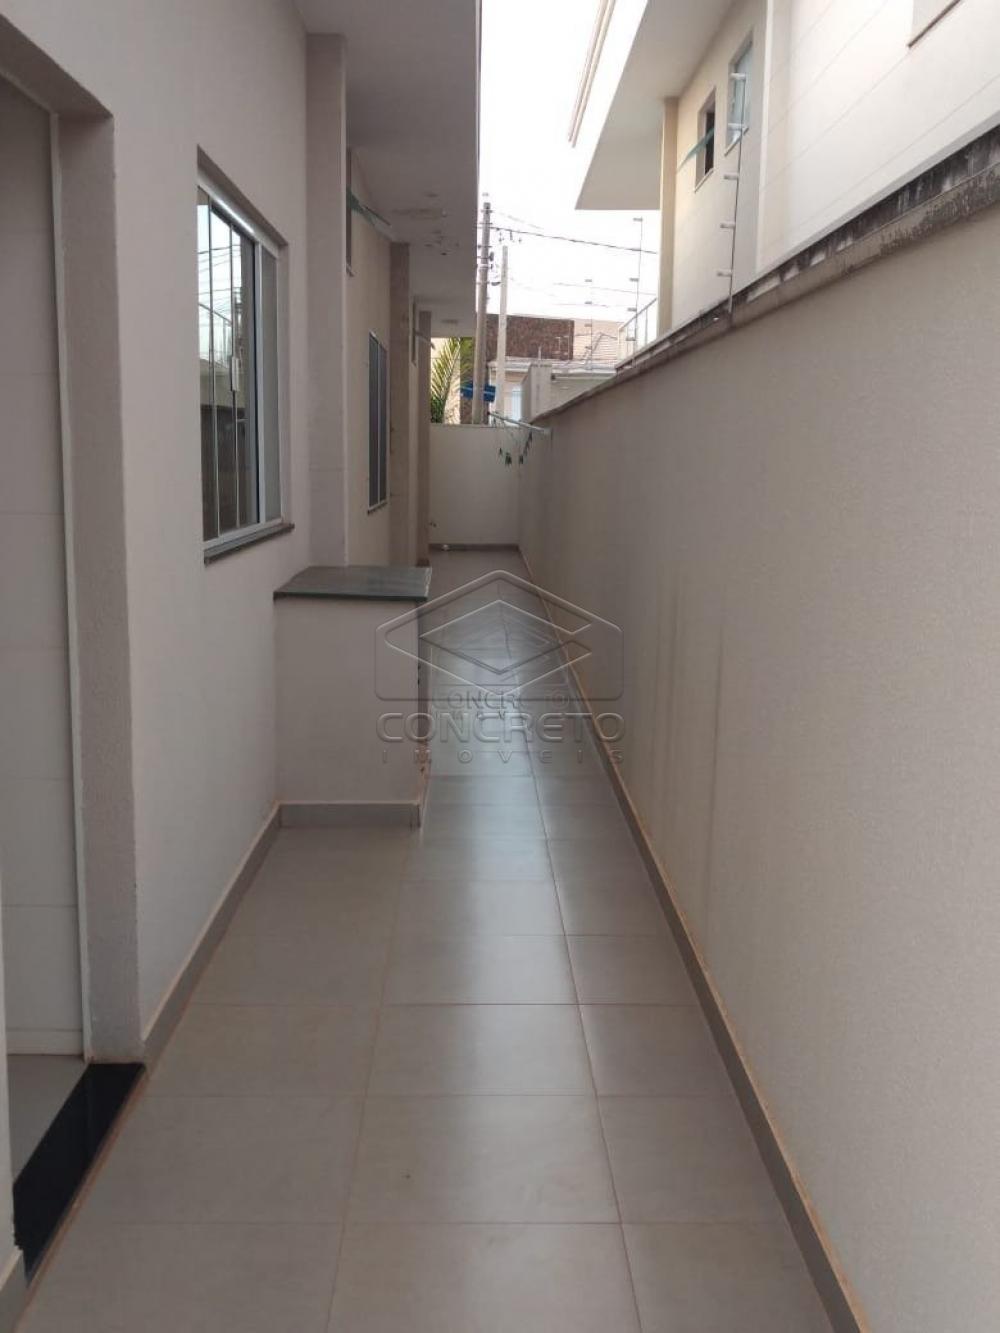 Comprar Casa / Padrão em Bauru apenas R$ 850.000,00 - Foto 10